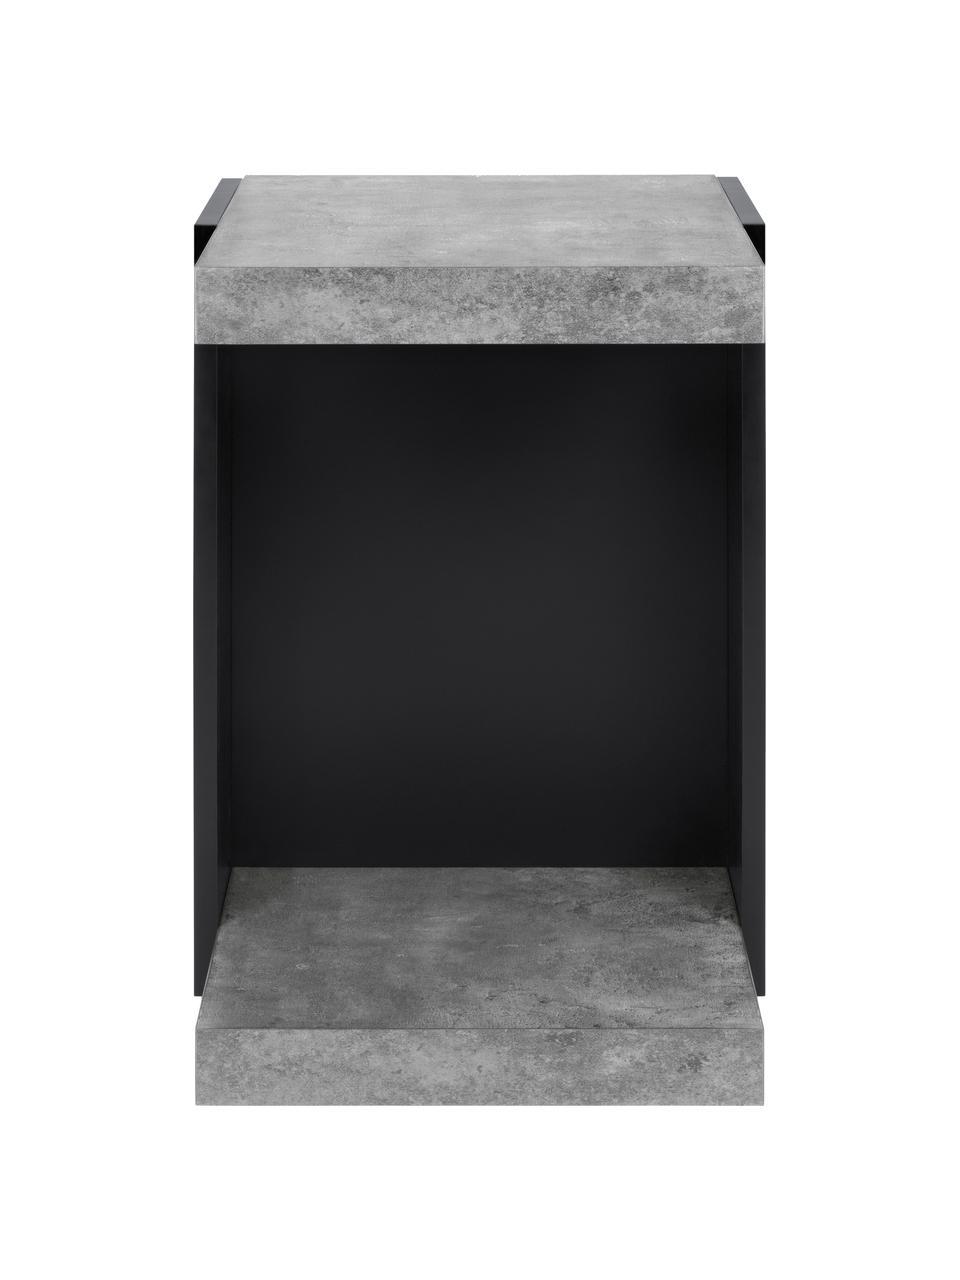 Beistelltisch Klaus, Korpus: Spanplatte in Leichtbau-W, Beton-Optik, 38 x 55 cm